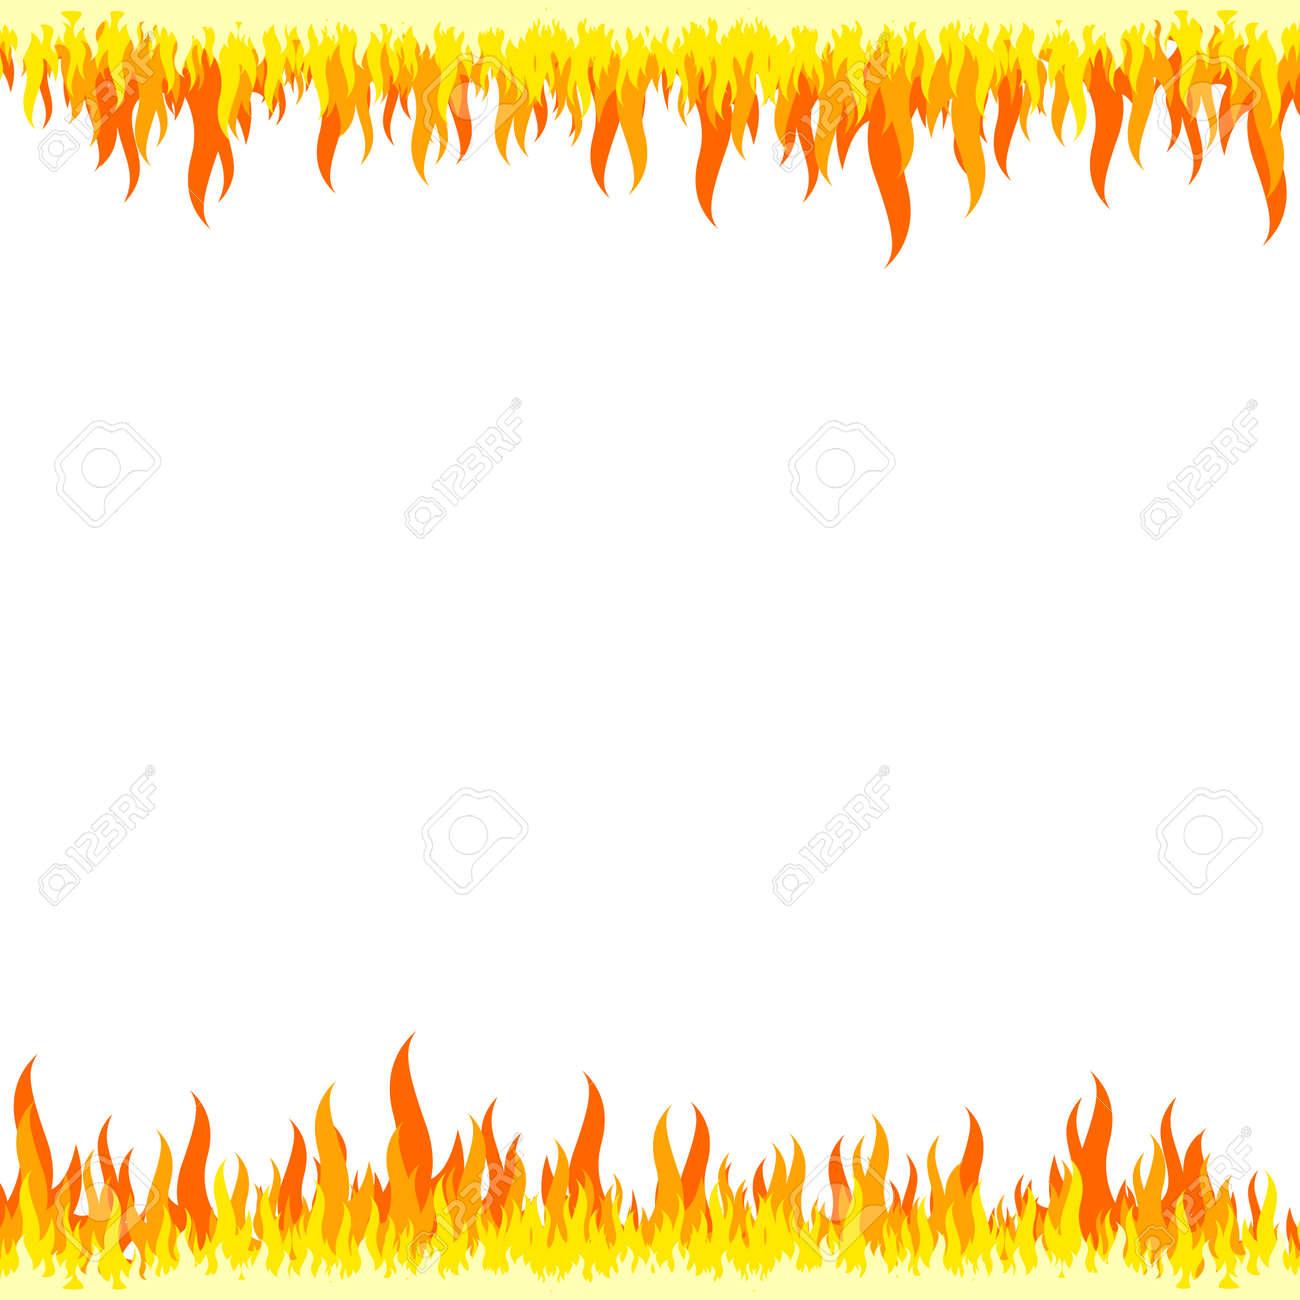 Fantastisch Feuerrahmen Bilder - Benutzerdefinierte Bilderrahmen ...